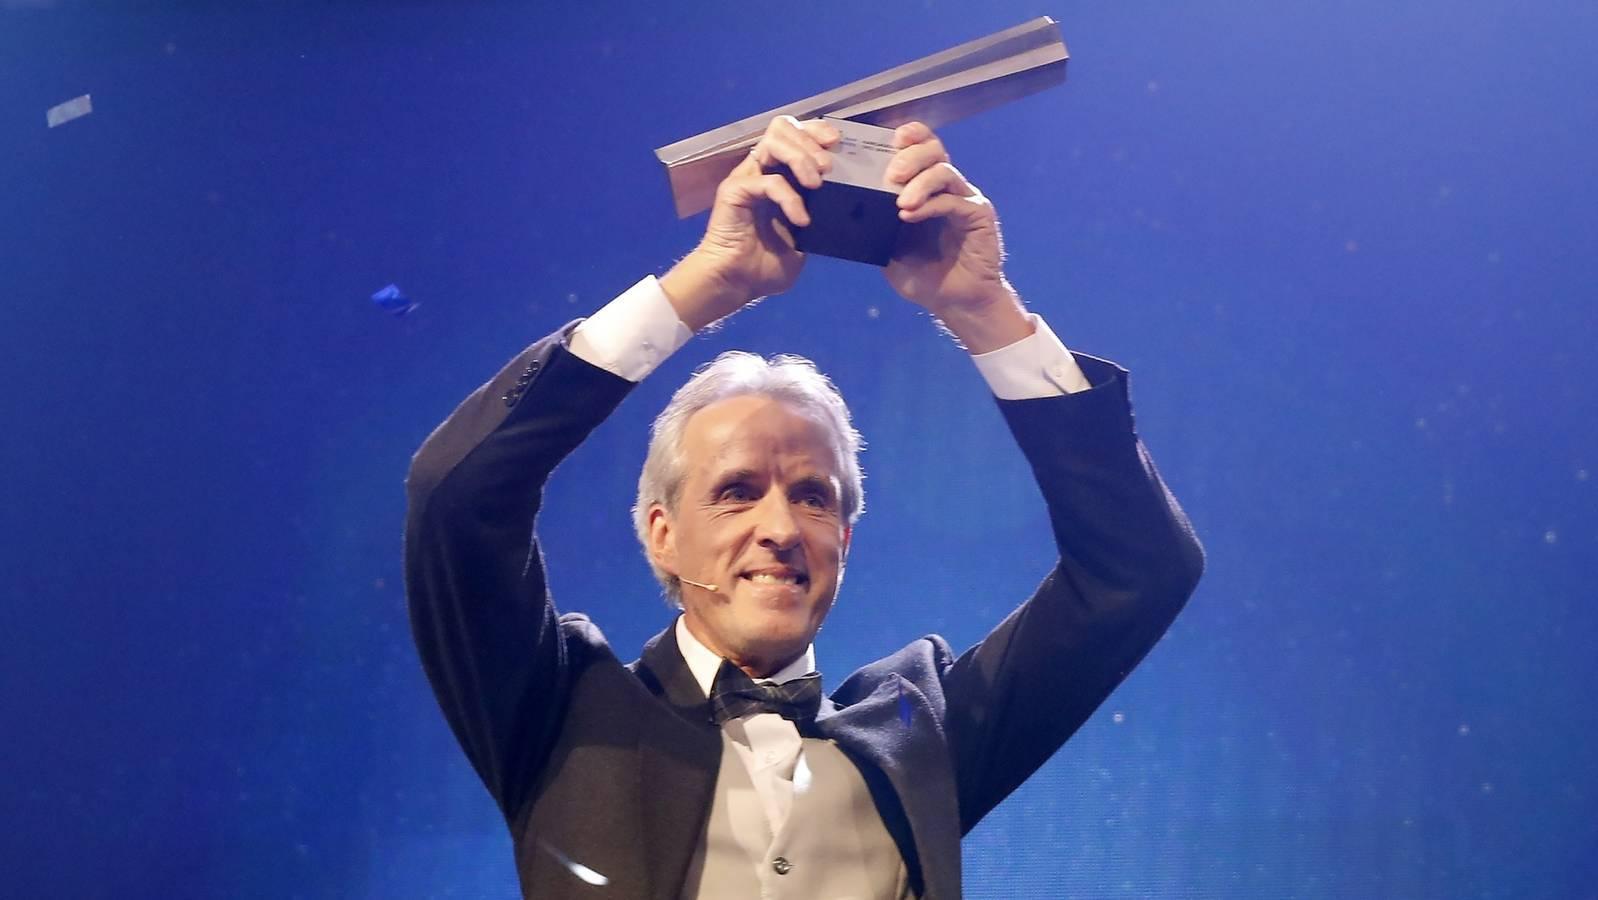 Markus Wopmann bejubelt den Sieg. (© Aargauer Zeitung / André Albrecht)